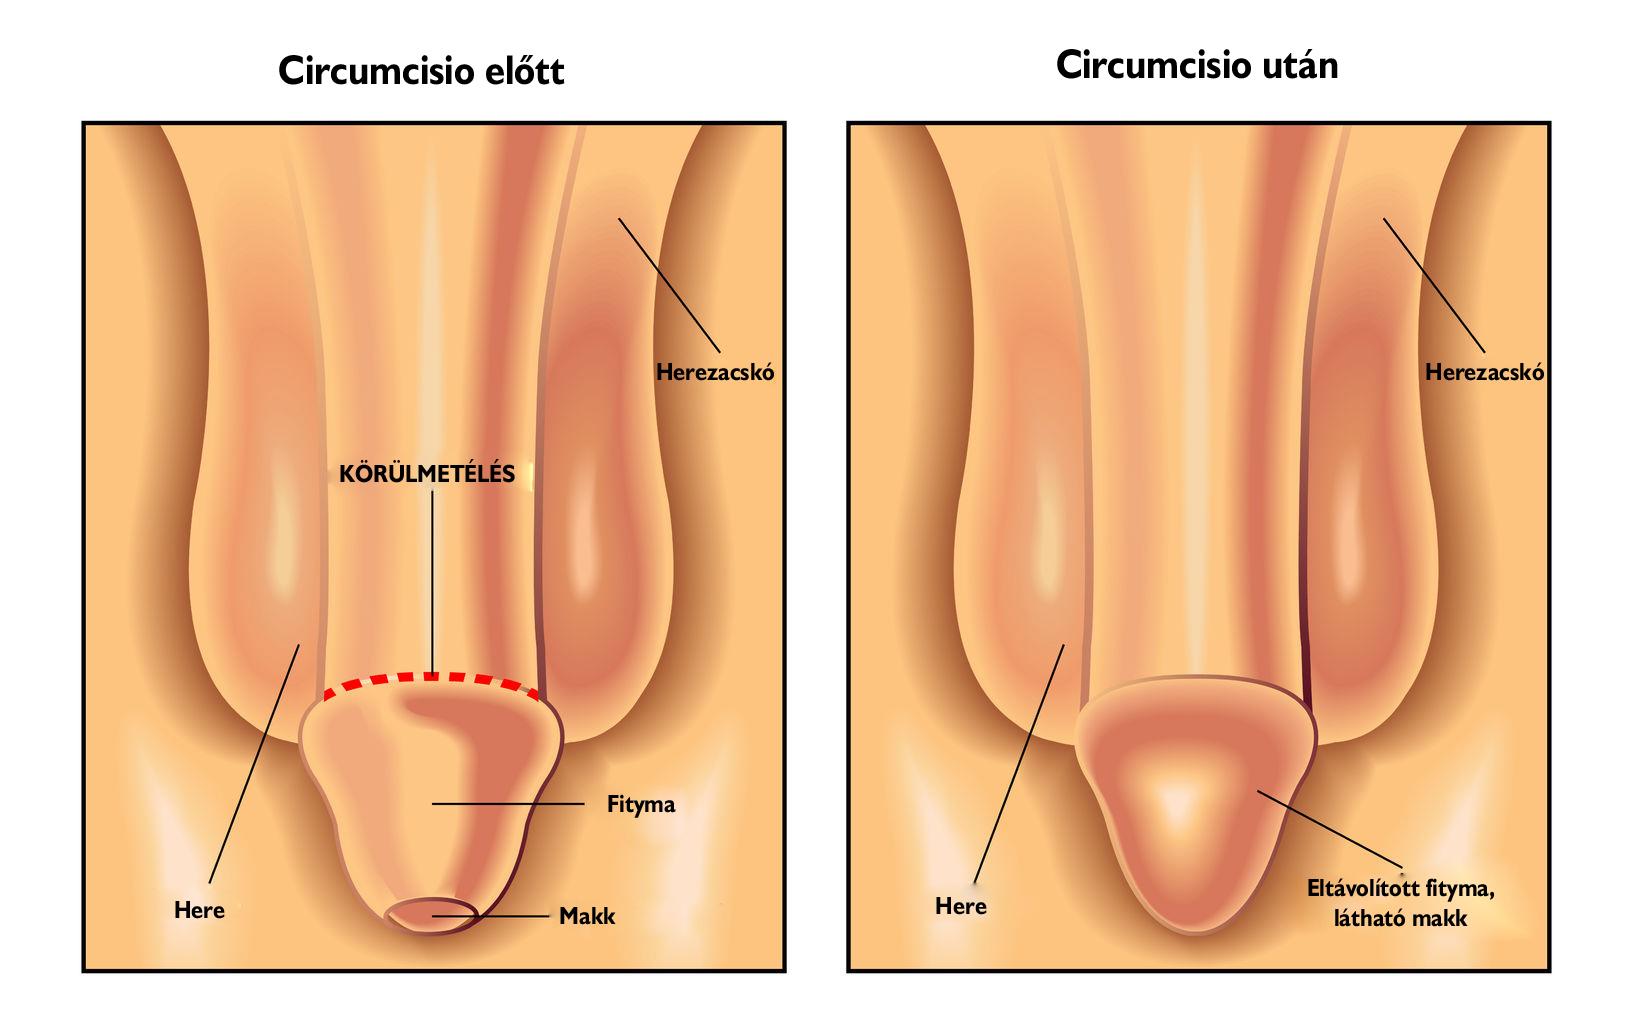 Külső genitáliák sérülése